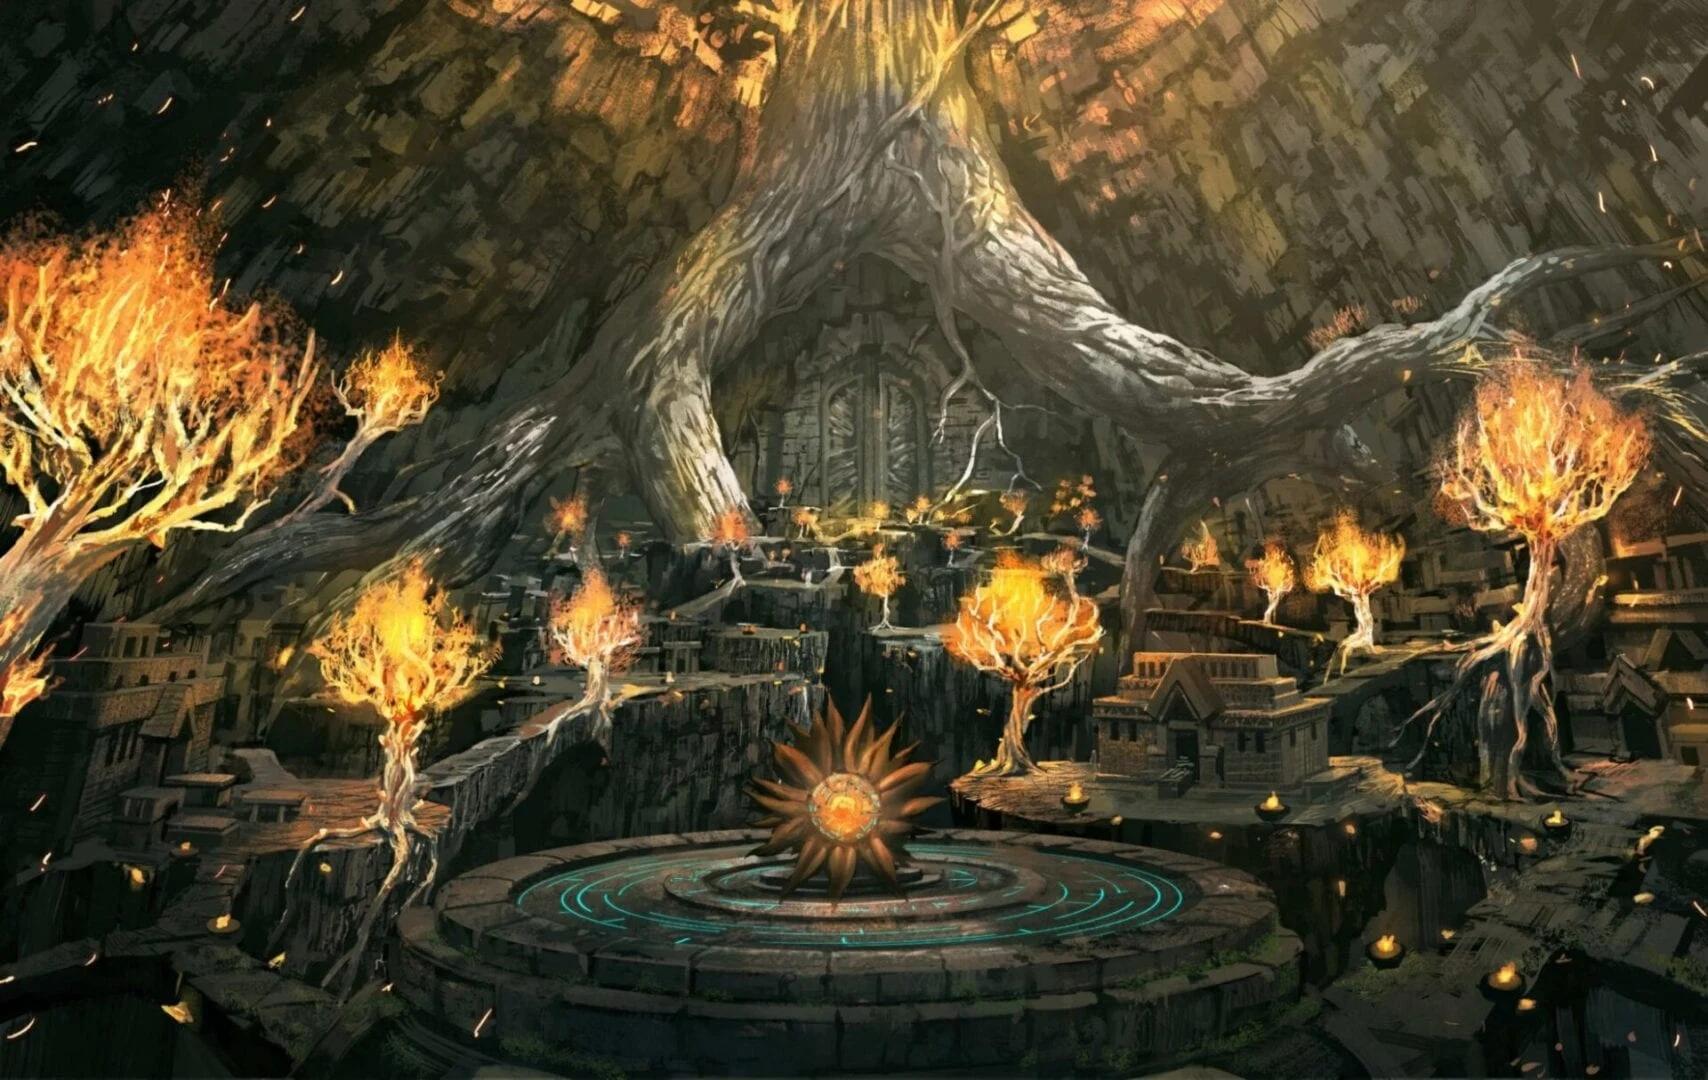 Art (1).jpeg - Atelier Ryza 2: Lost Legends & the Secret Fairy